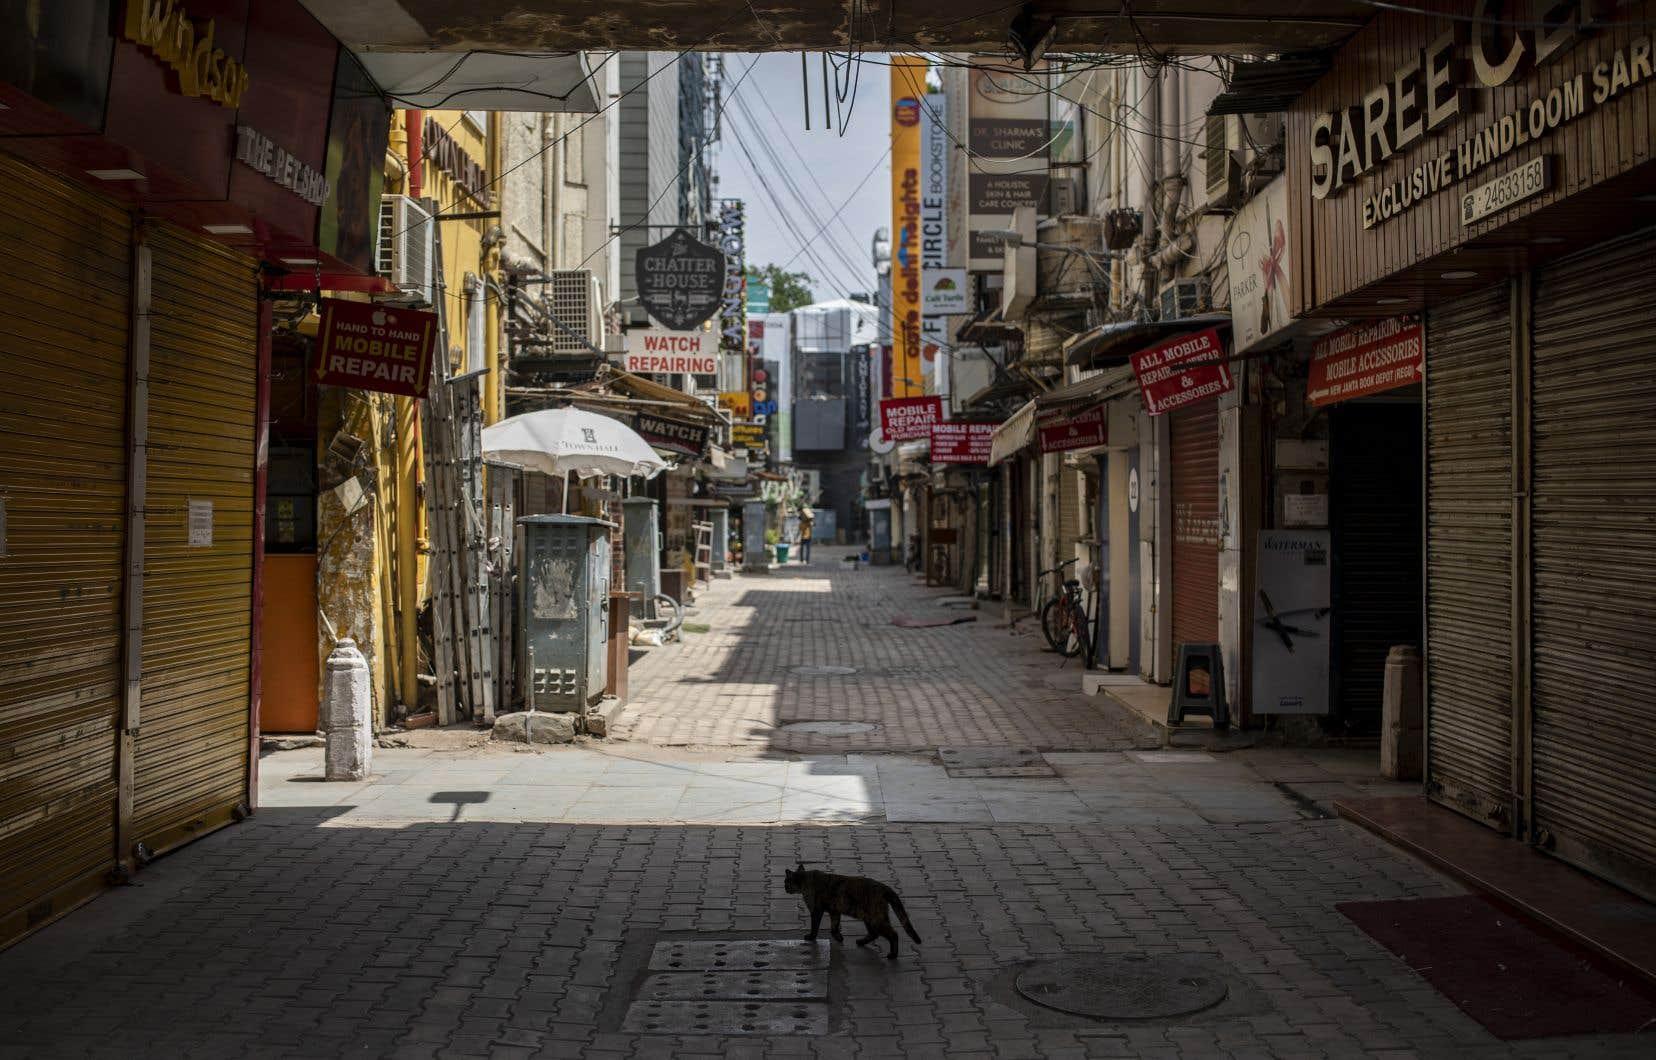 D'ordinaire, les rues de New Delhi sont animées et pleines de monde. Mais pas ce week-end ni les prochains. Un confinement a été mis en place dans la capitale les fins de semaine.